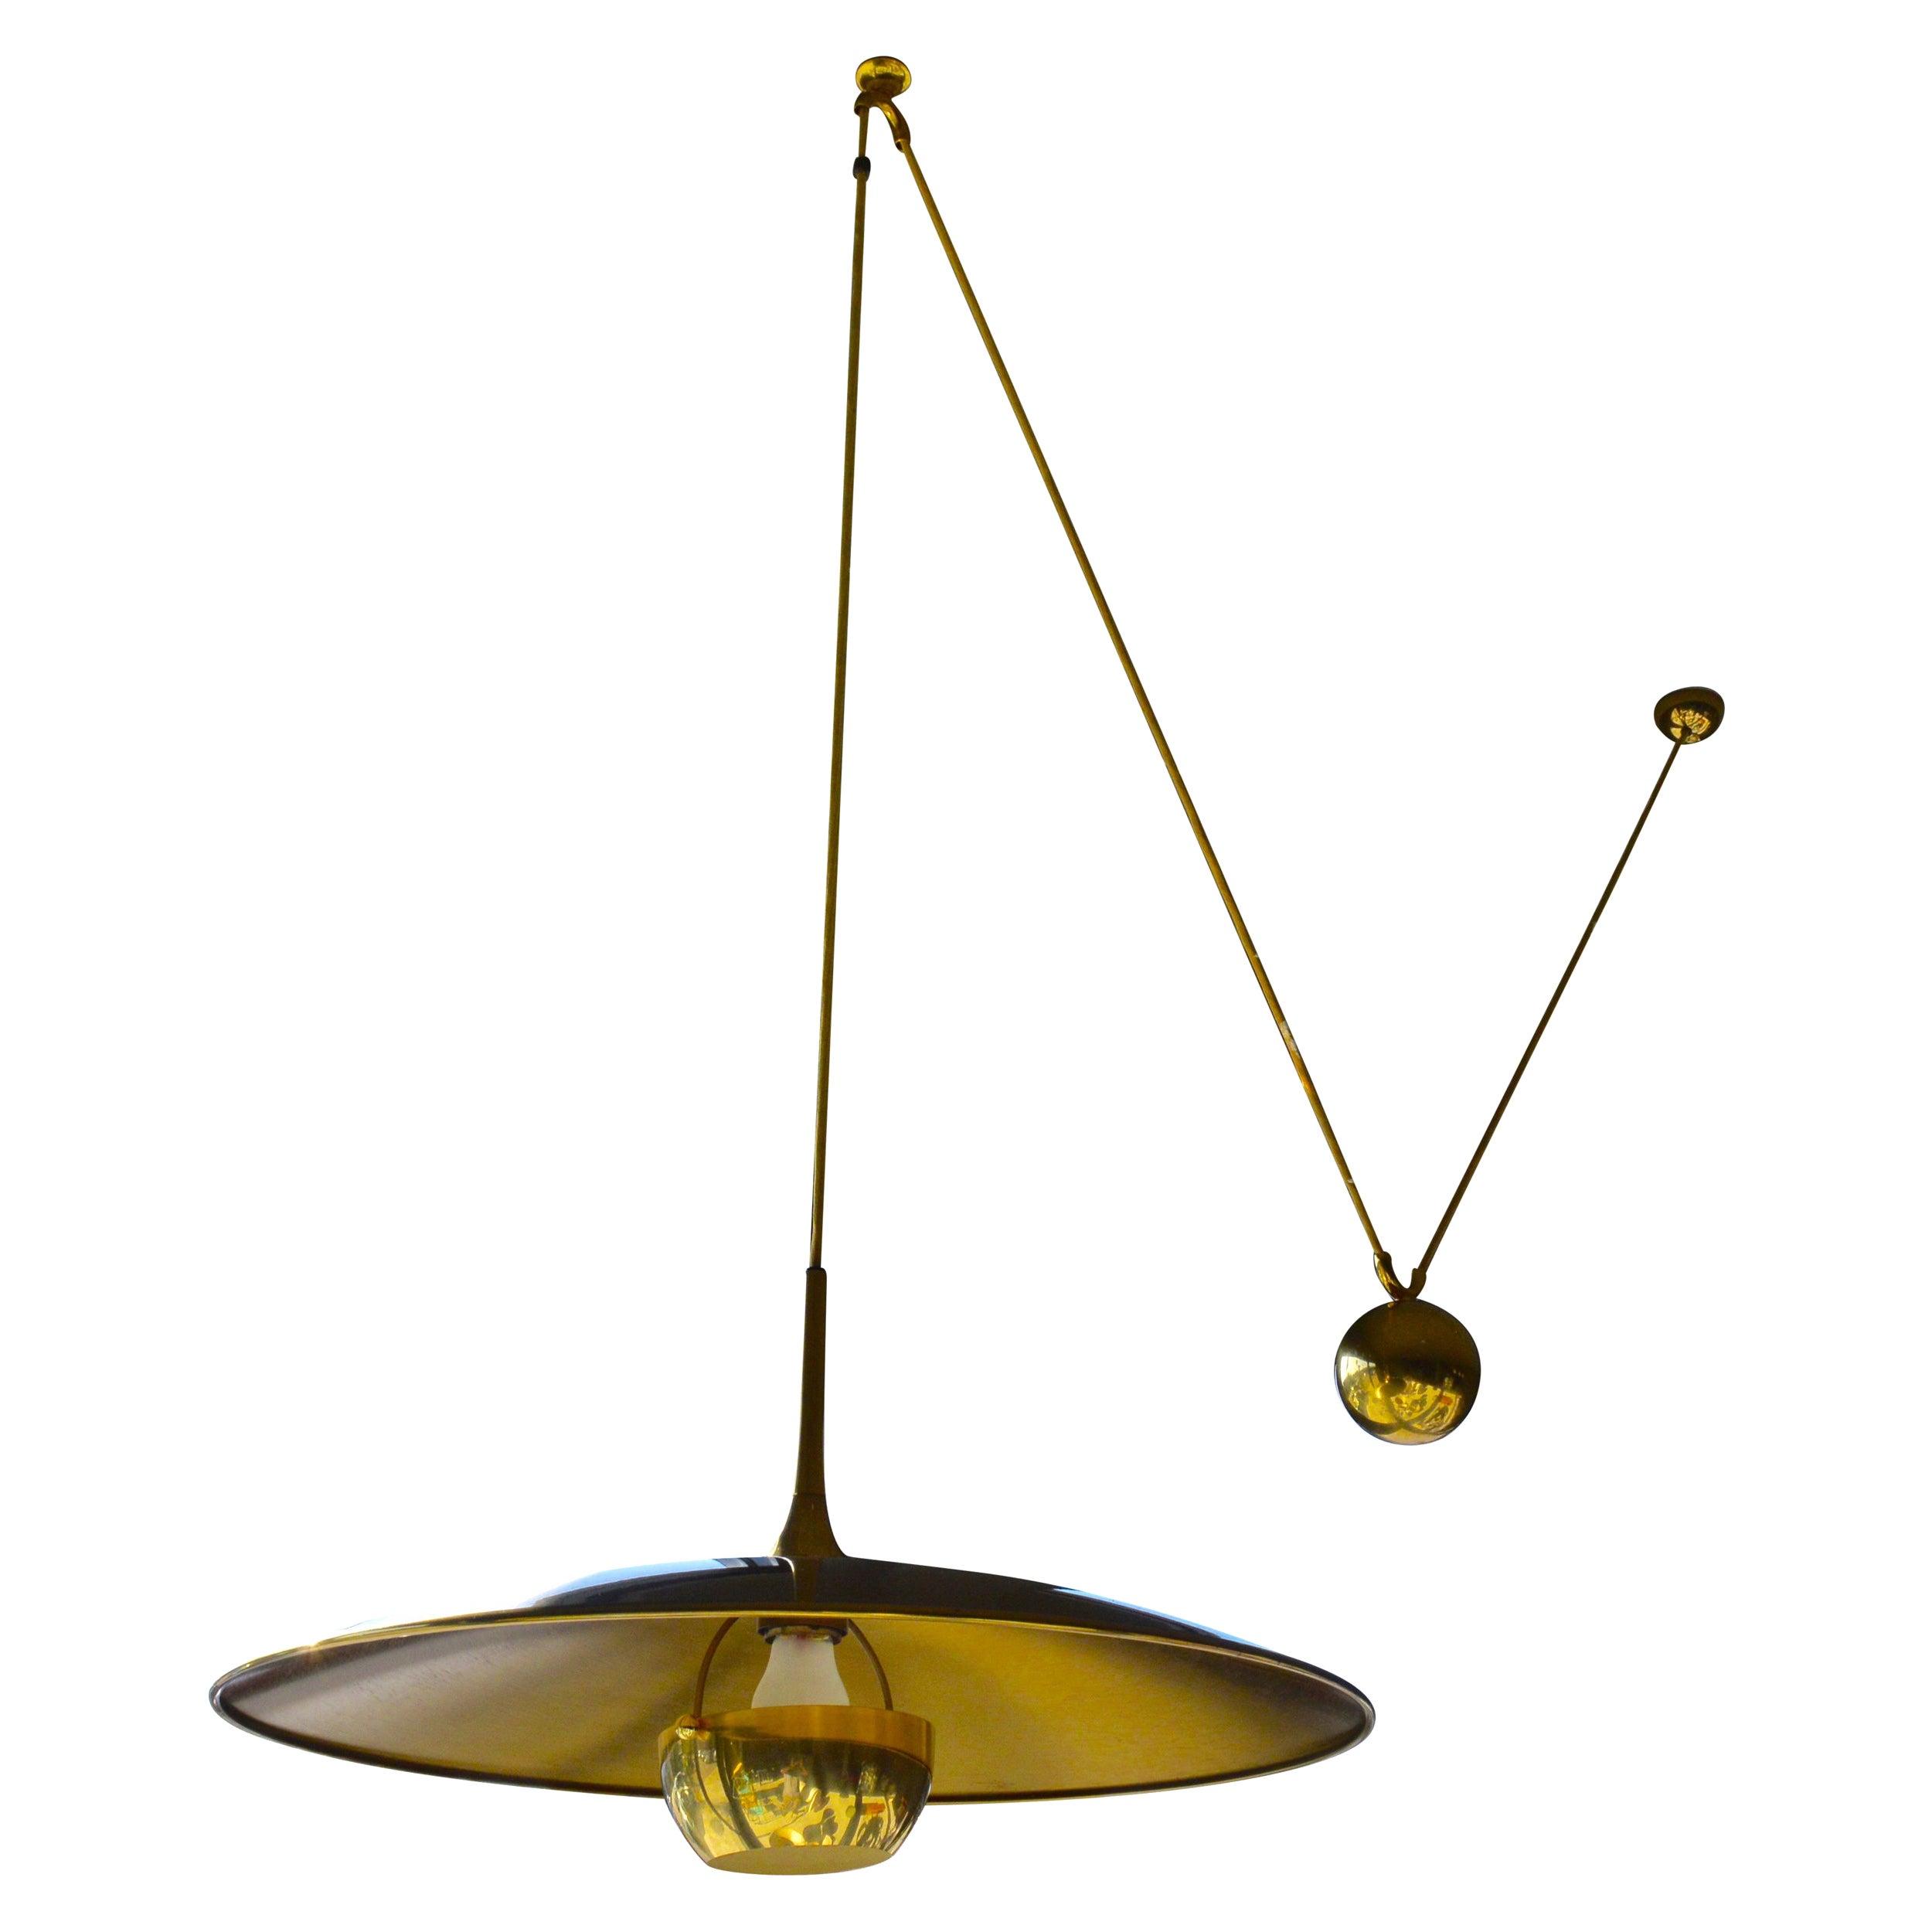 Brass Florian Schulz Counter Balance Light